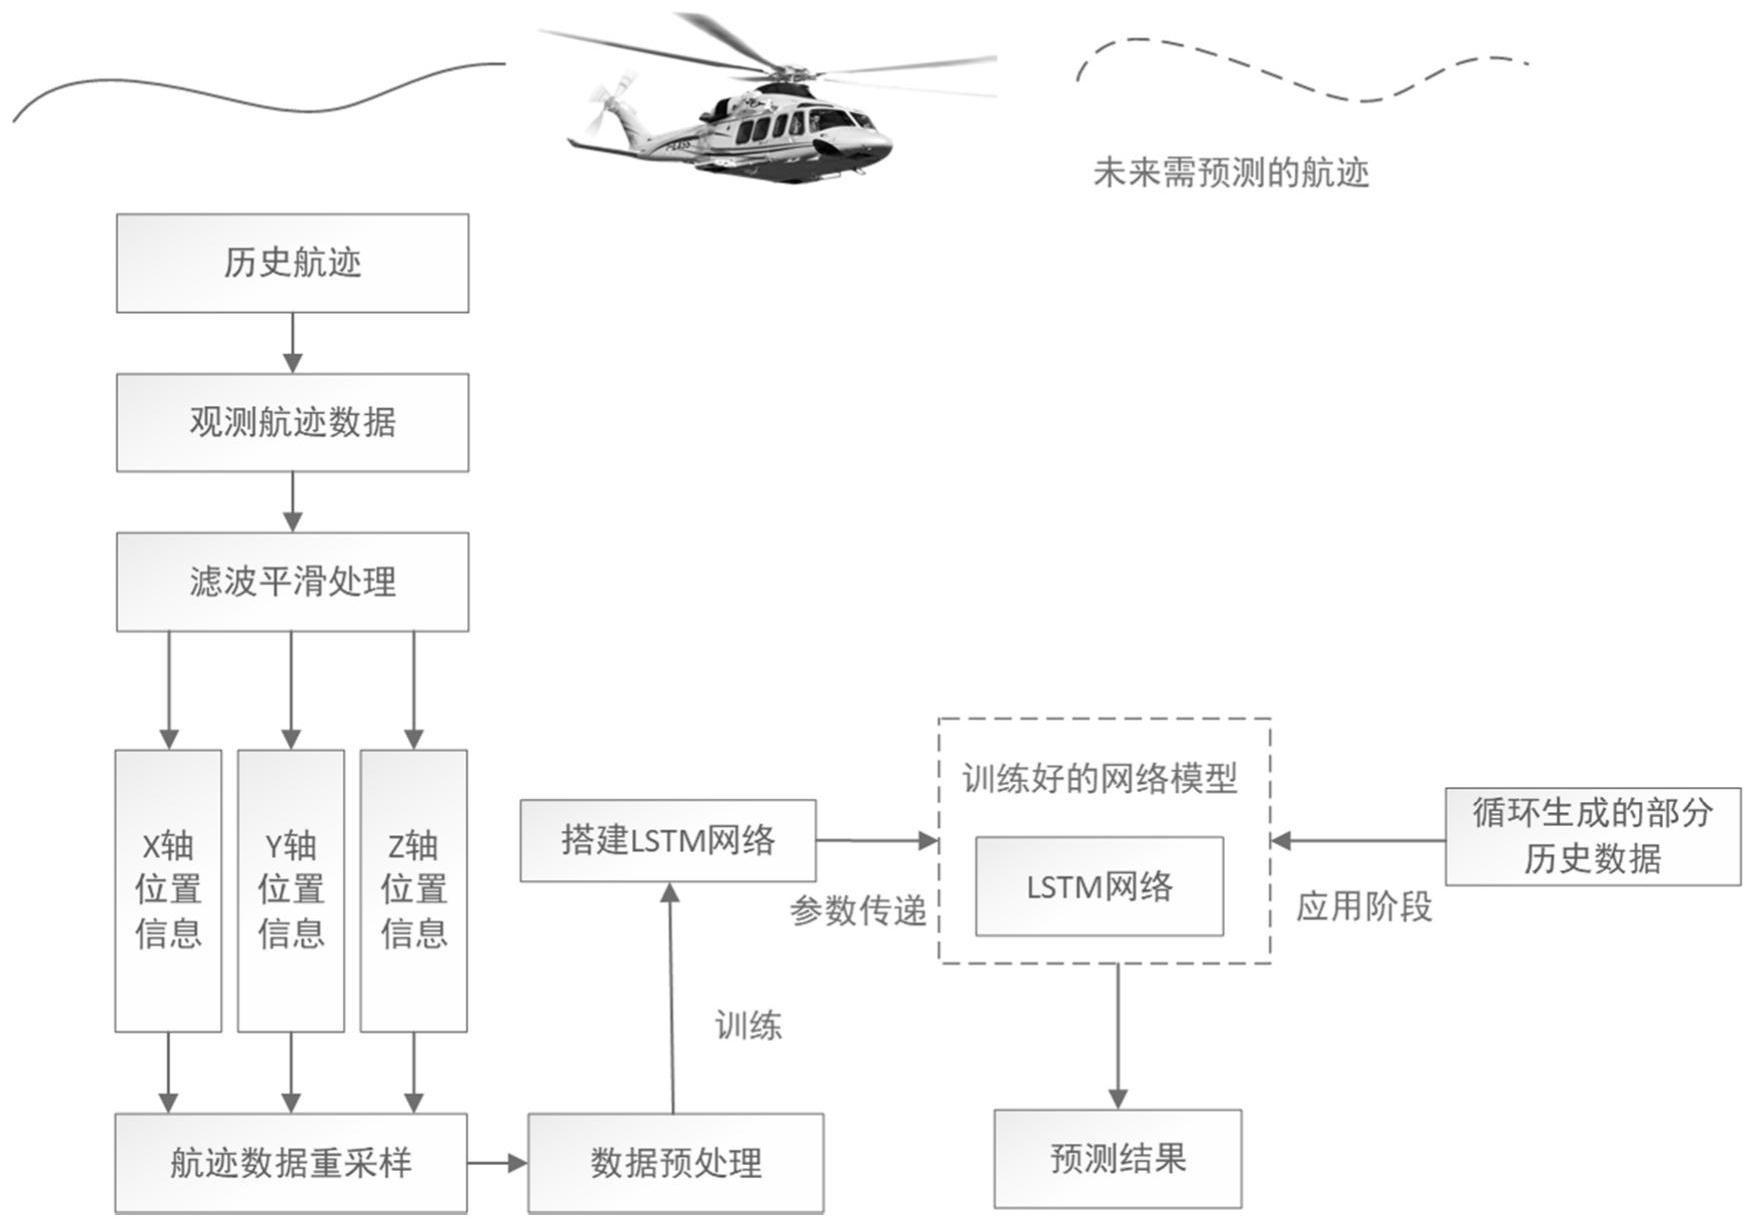 基于重采样下的航迹循环预测方法